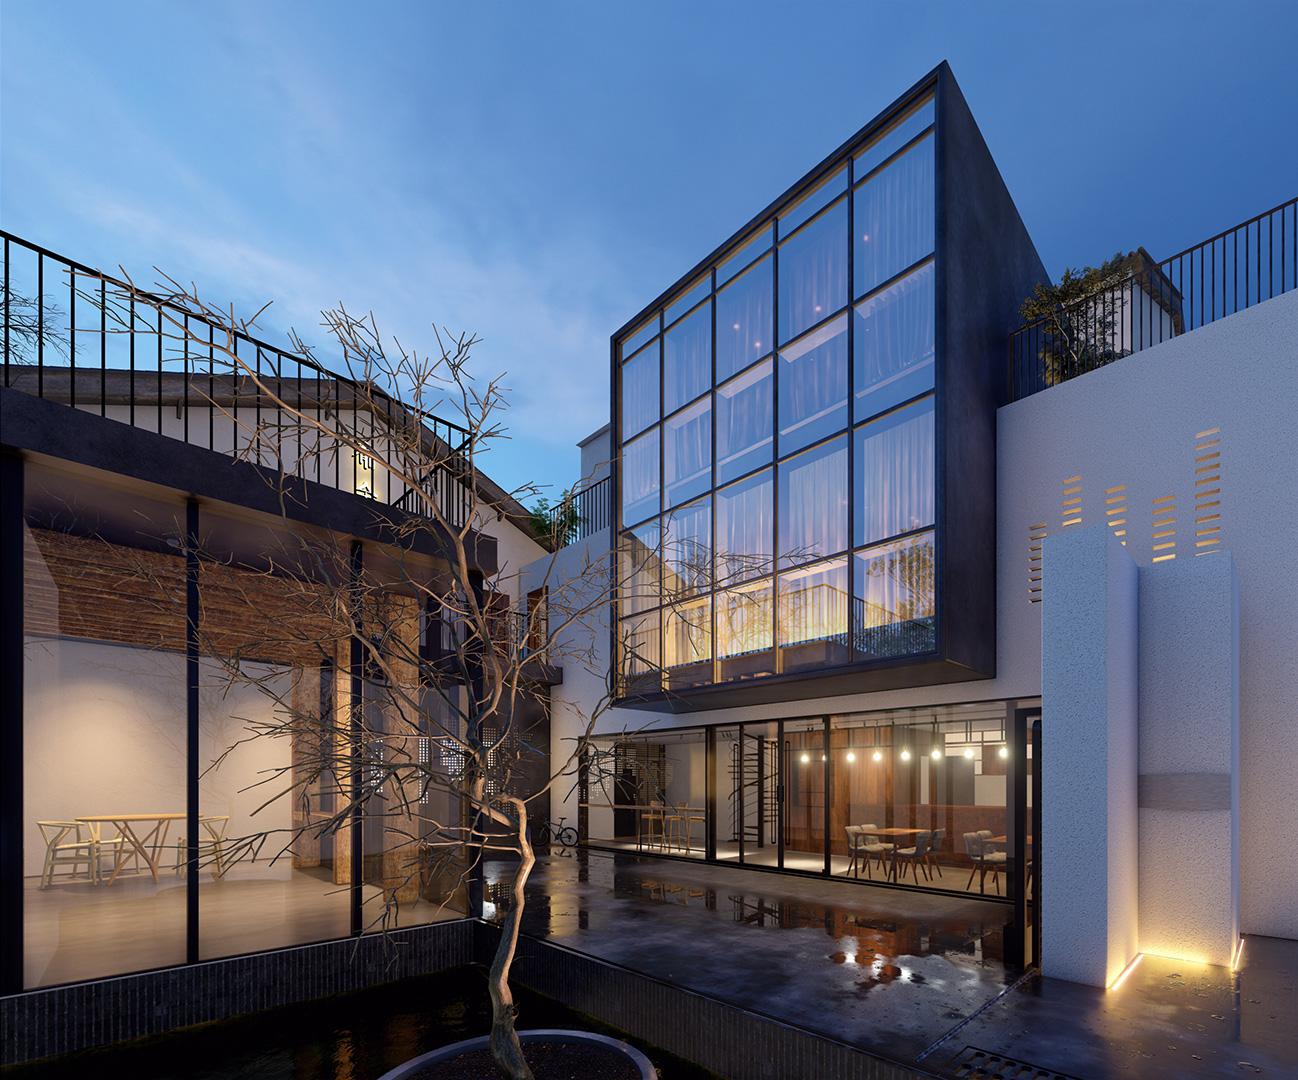 arhitektuurne 3d pilt hoone visualiseerimine 13